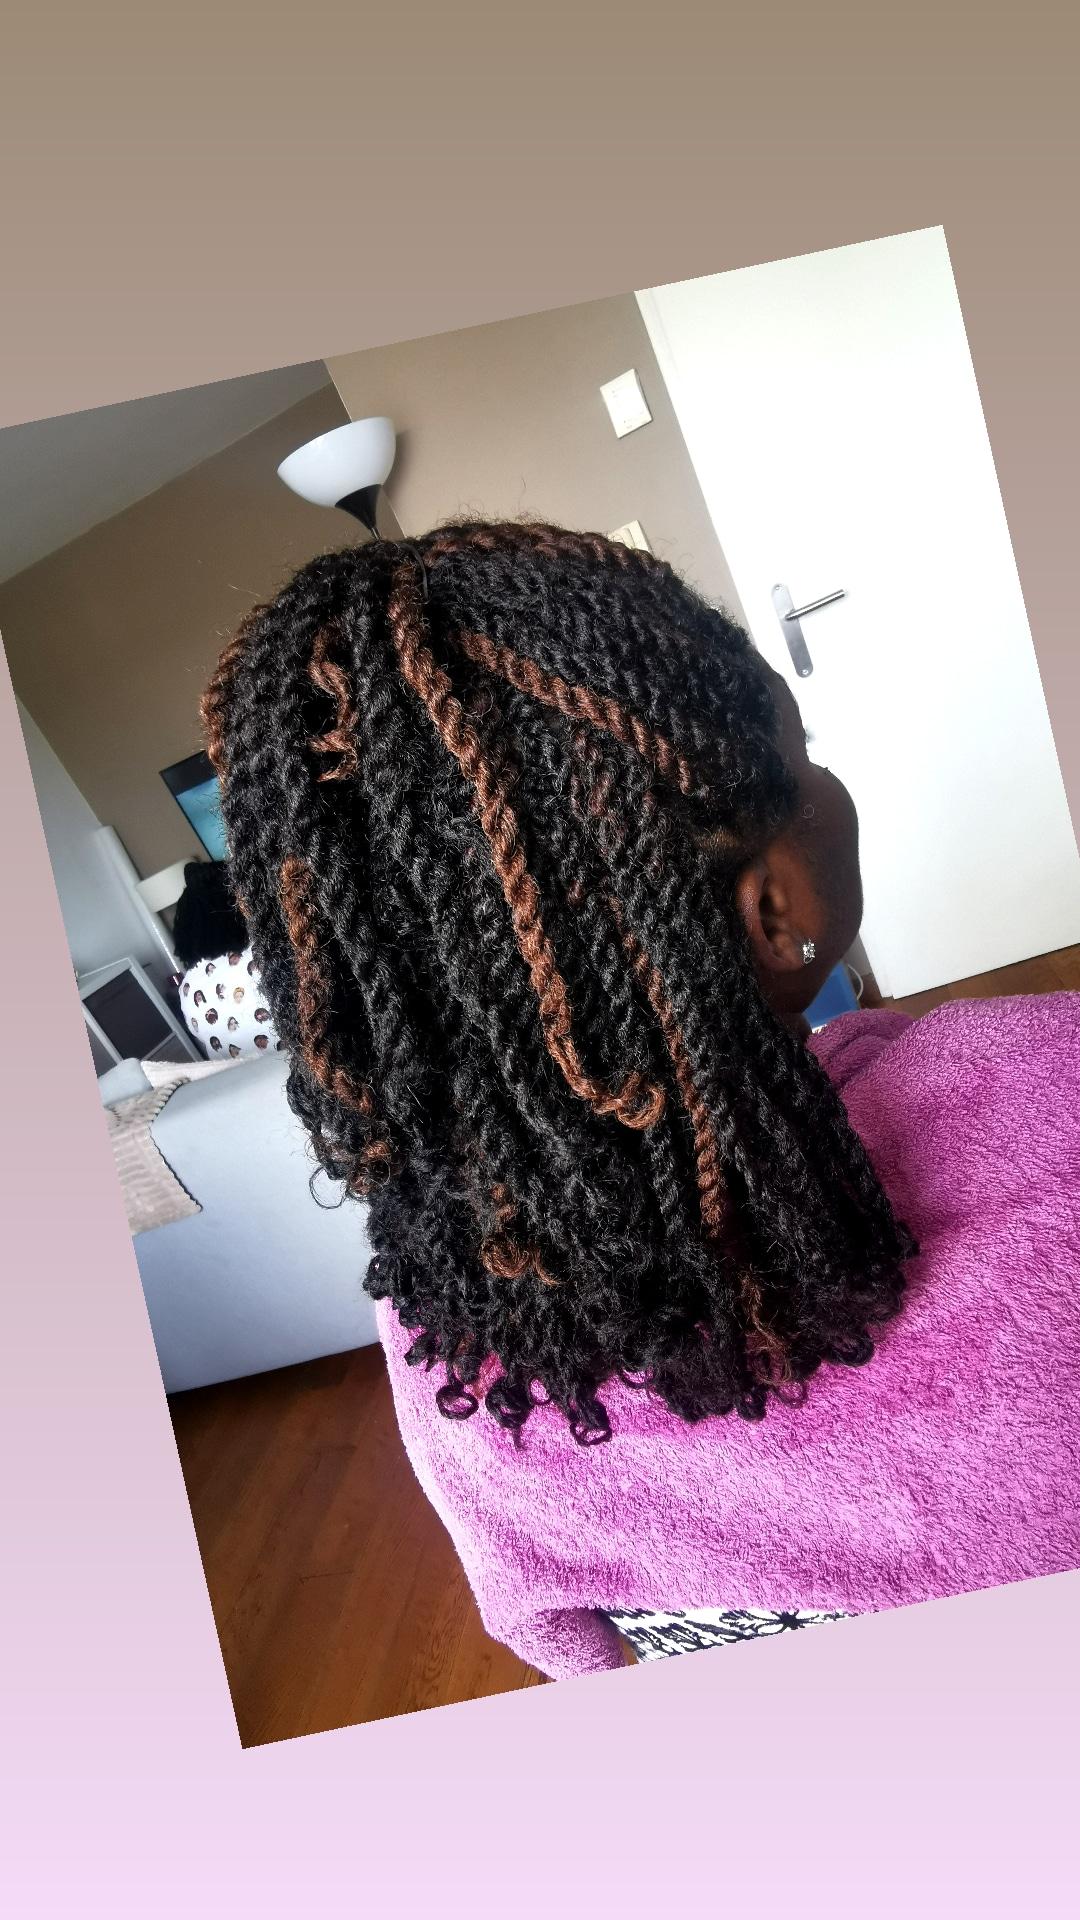 salon de coiffure afro tresse tresses box braids crochet braids vanilles tissages paris 75 77 78 91 92 93 94 95 ATUXFNRR